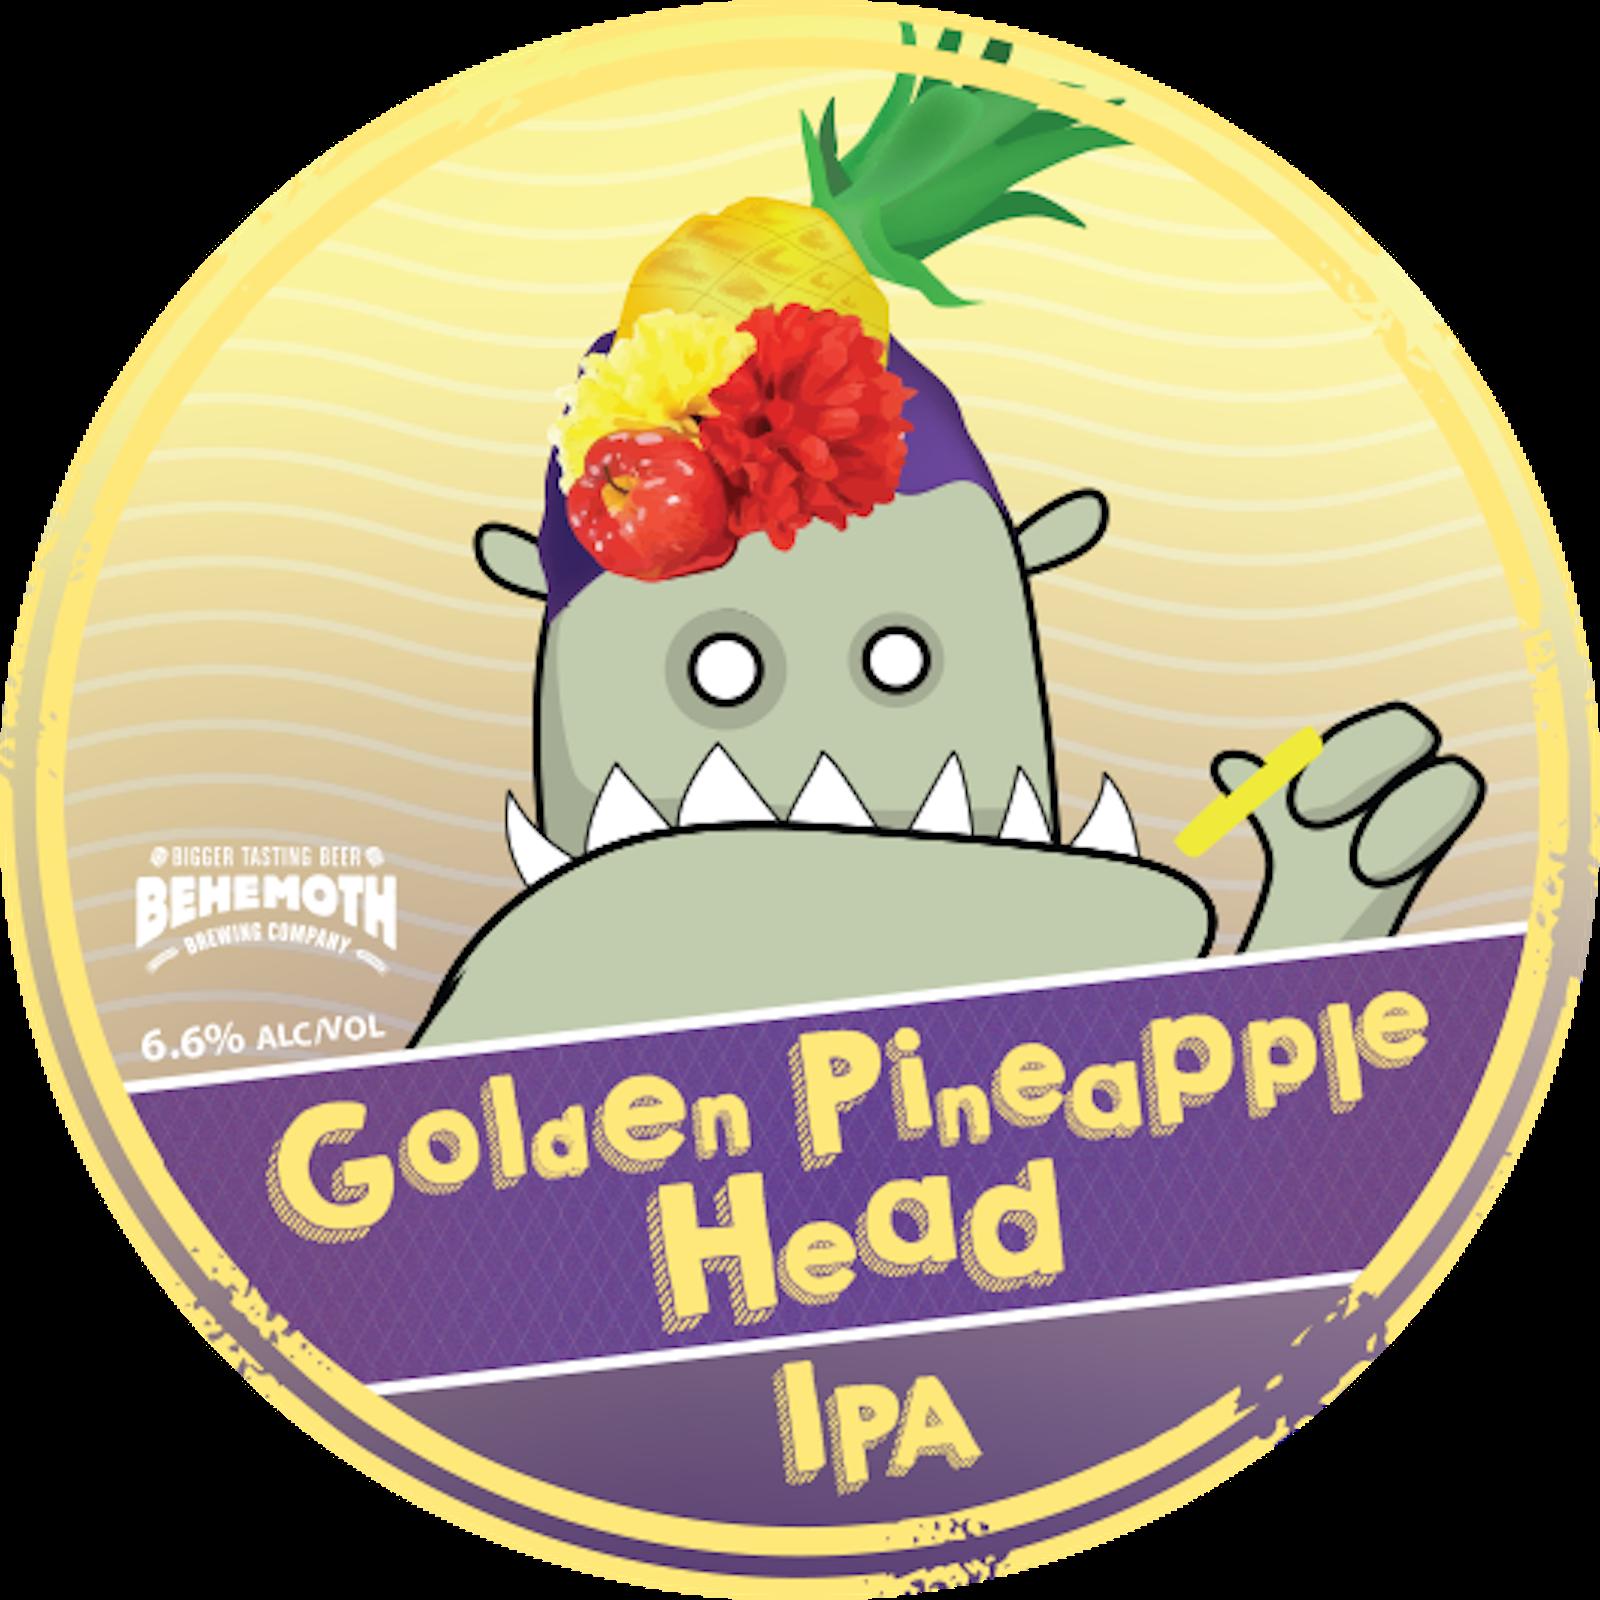 Golden Pineapple Head